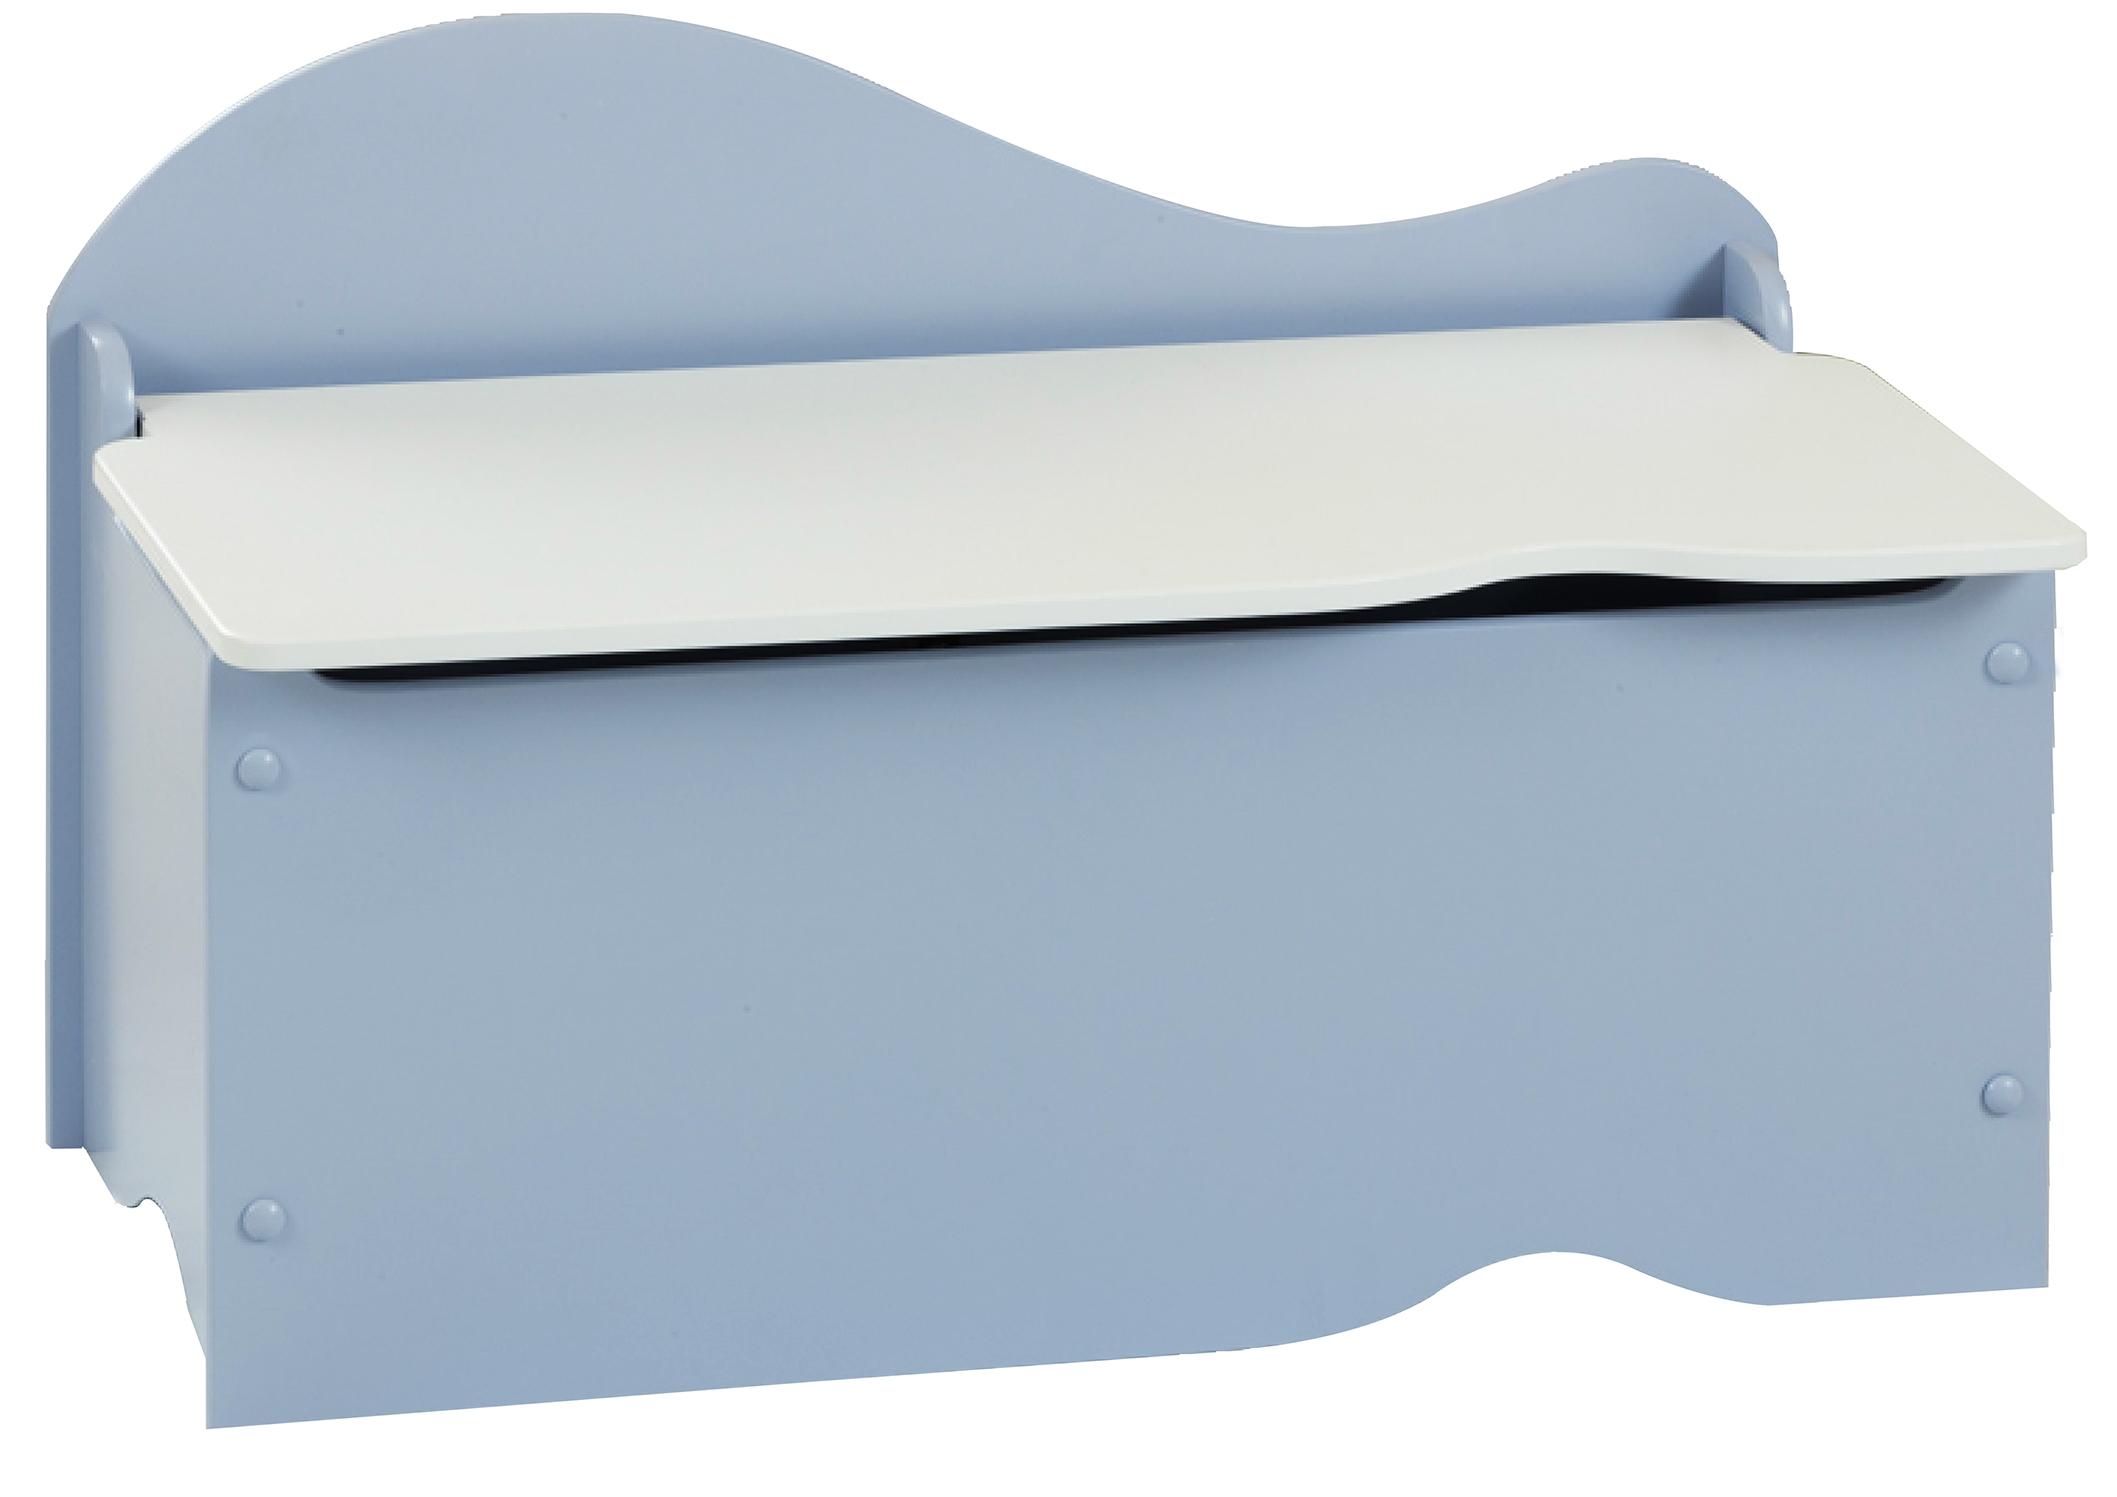 coffre de rangement bleu couvercle blanc spoon. Black Bedroom Furniture Sets. Home Design Ideas